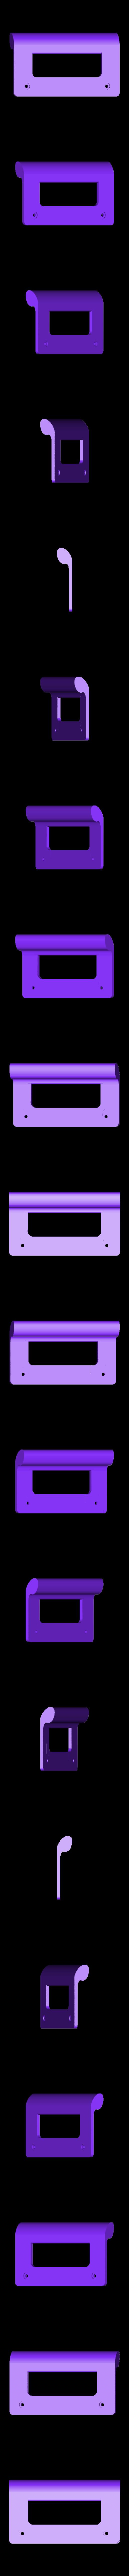 maneta  nevera.stl Télécharger fichier STL gratuit Poignée de réfrigérateur • Objet pour impression 3D, rafelcalamillor